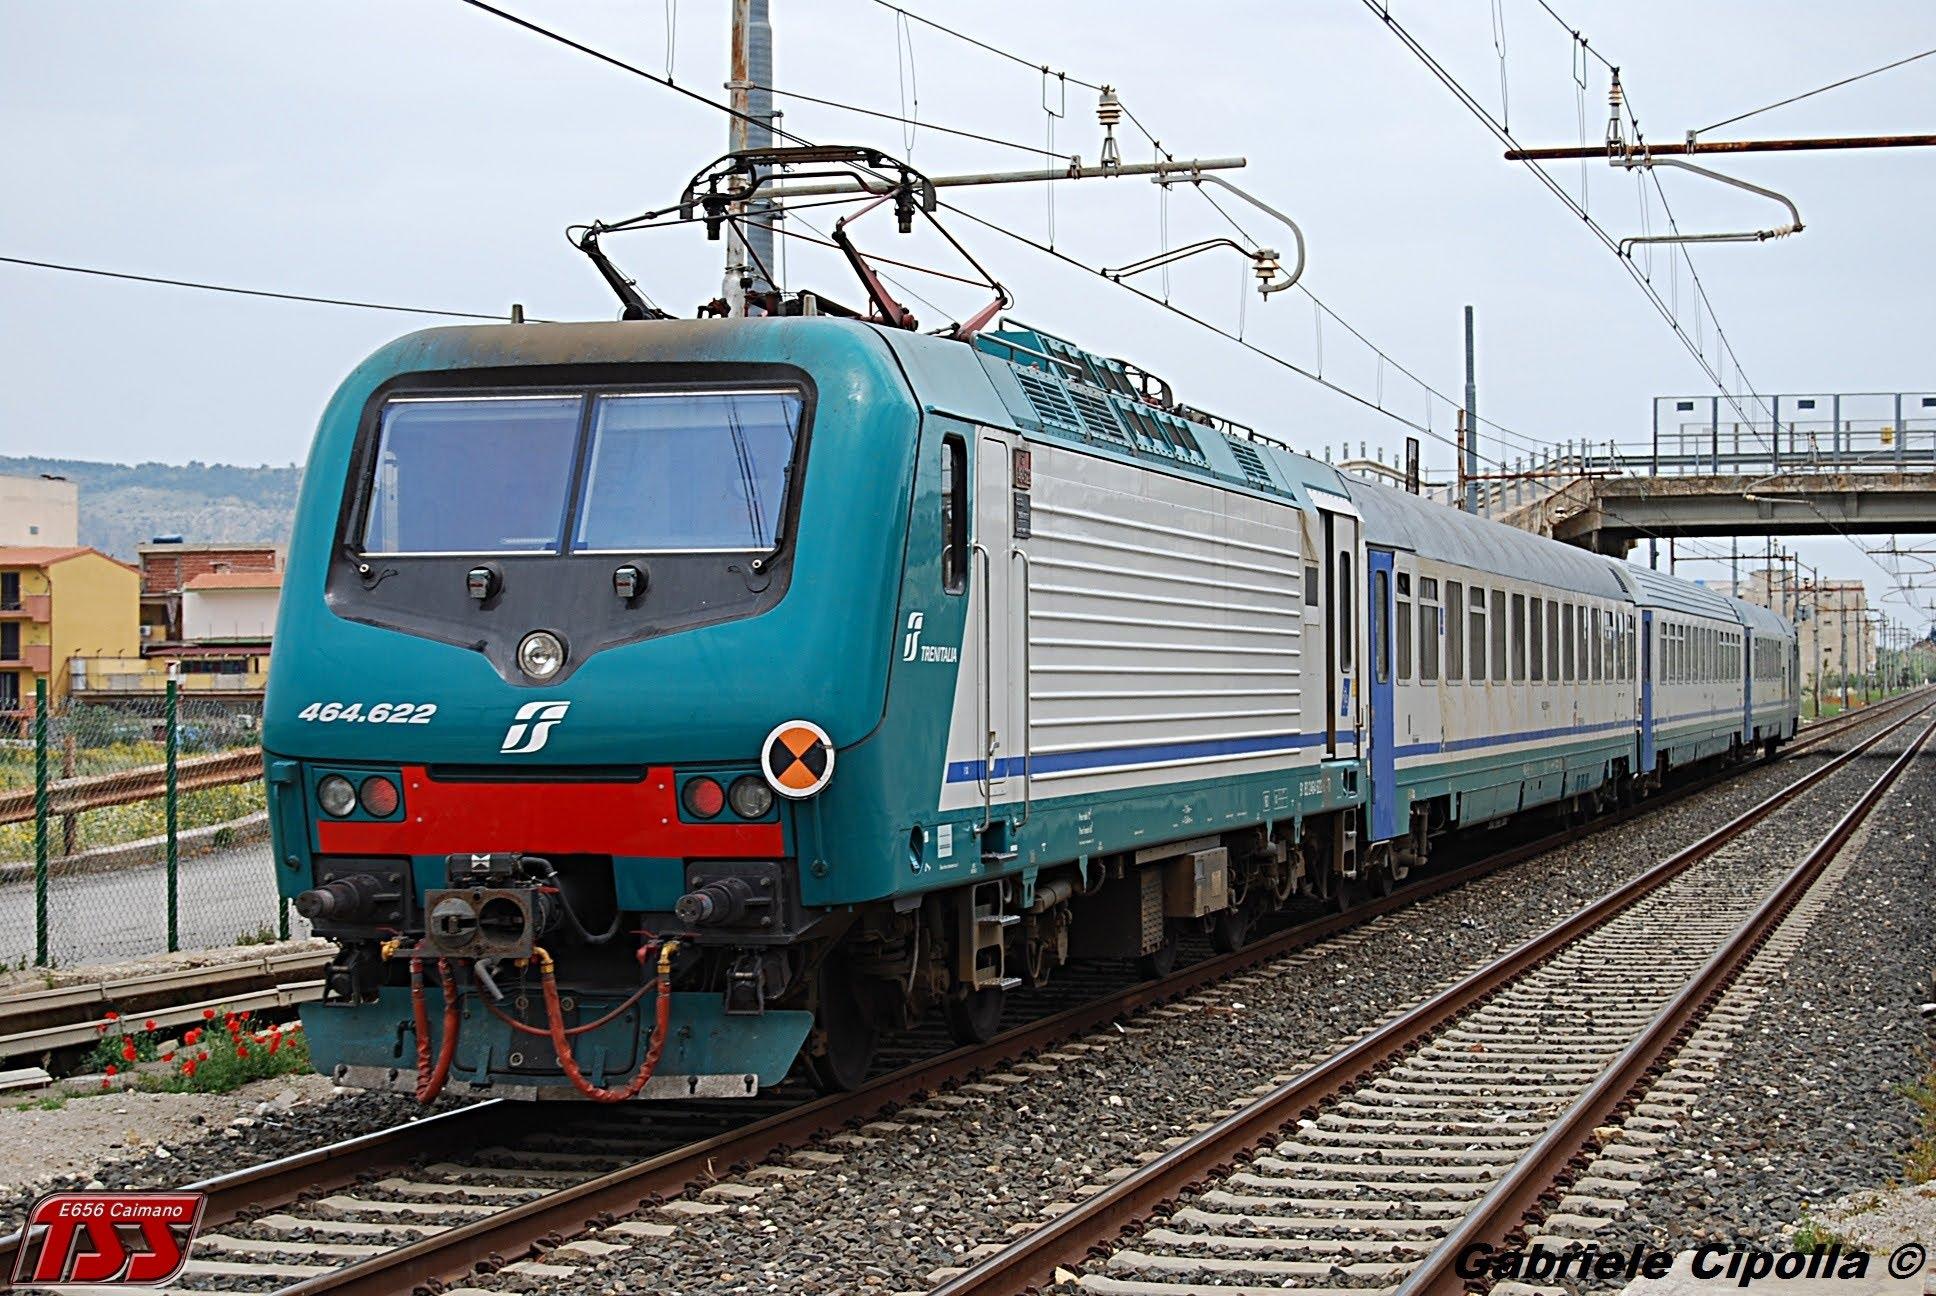 Inciampa sui binari e il treno la travolge, muore a 15 anni